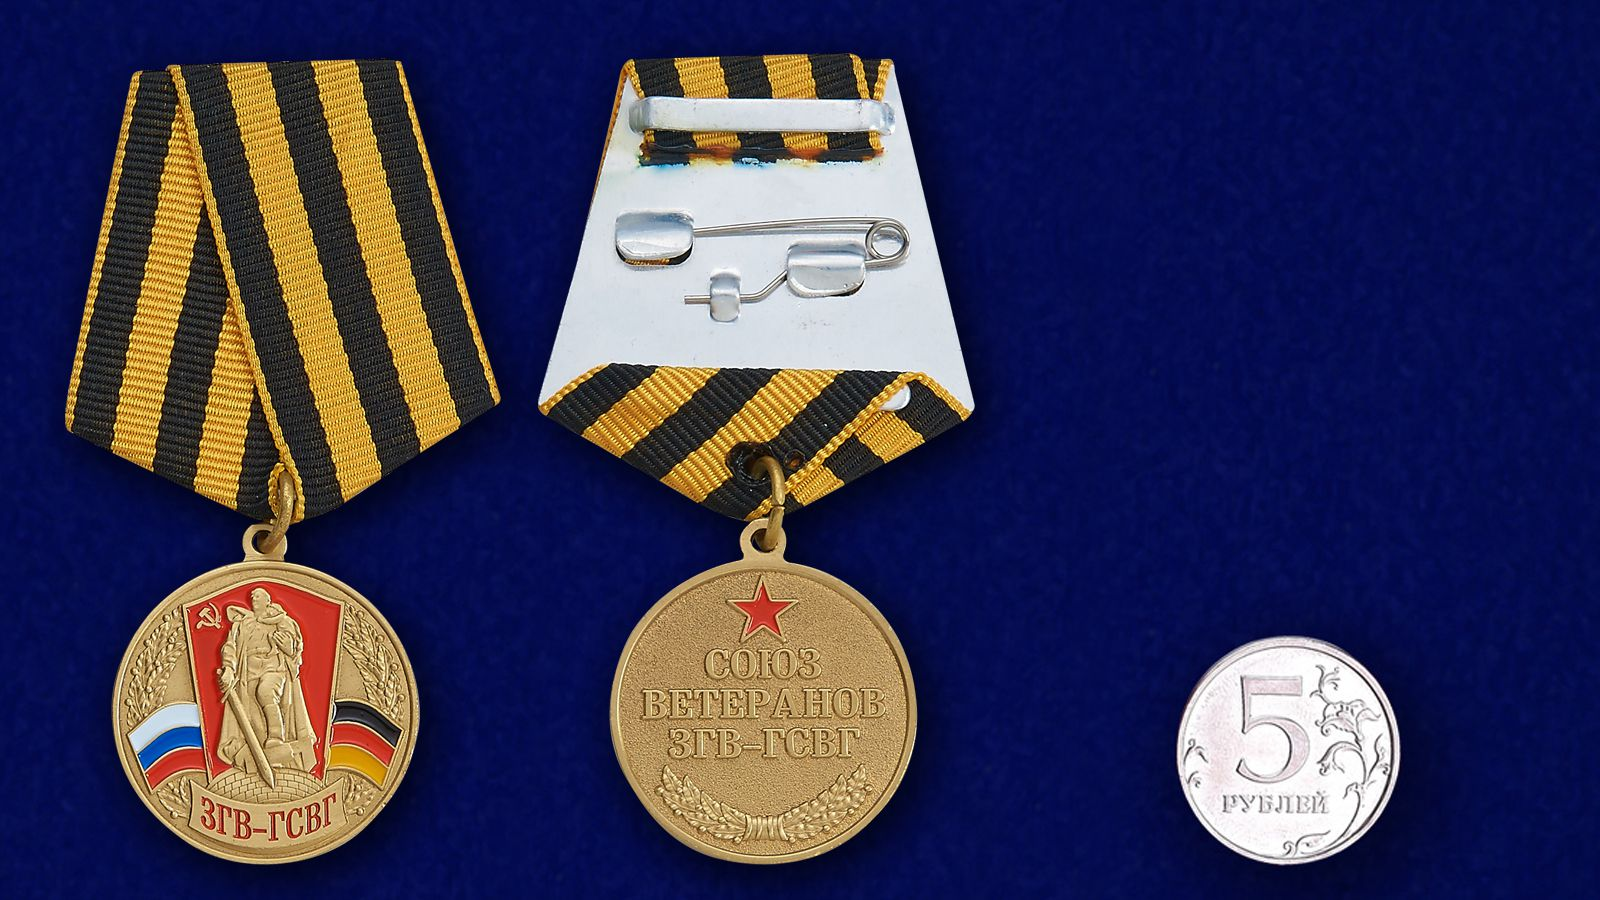 Медаль Союз ветеранов ЗГВ-ГСВГ в футляре с удостоверением - сравнительный вид